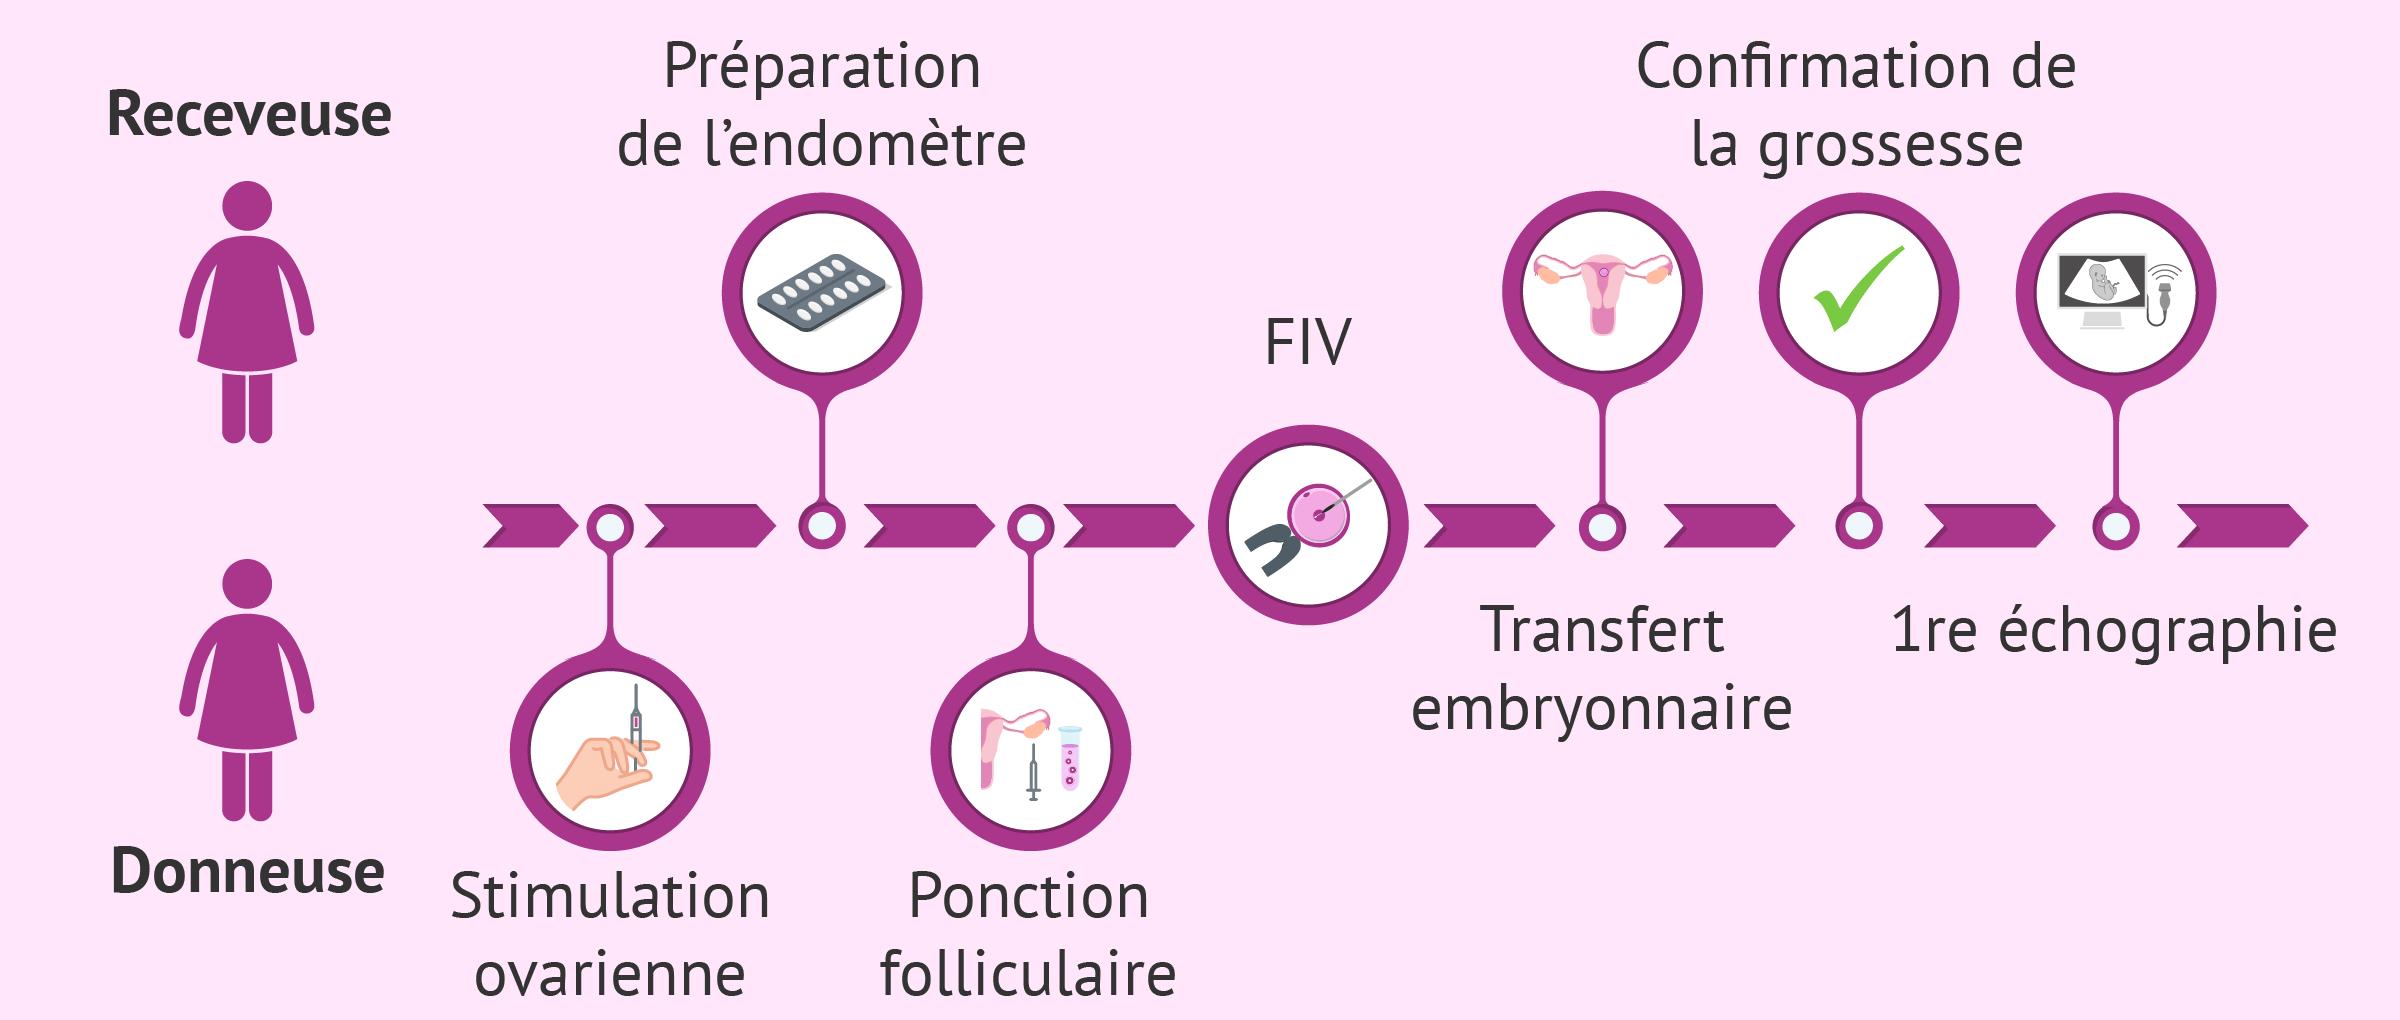 Procédure de don d'ovocytes étape par étape